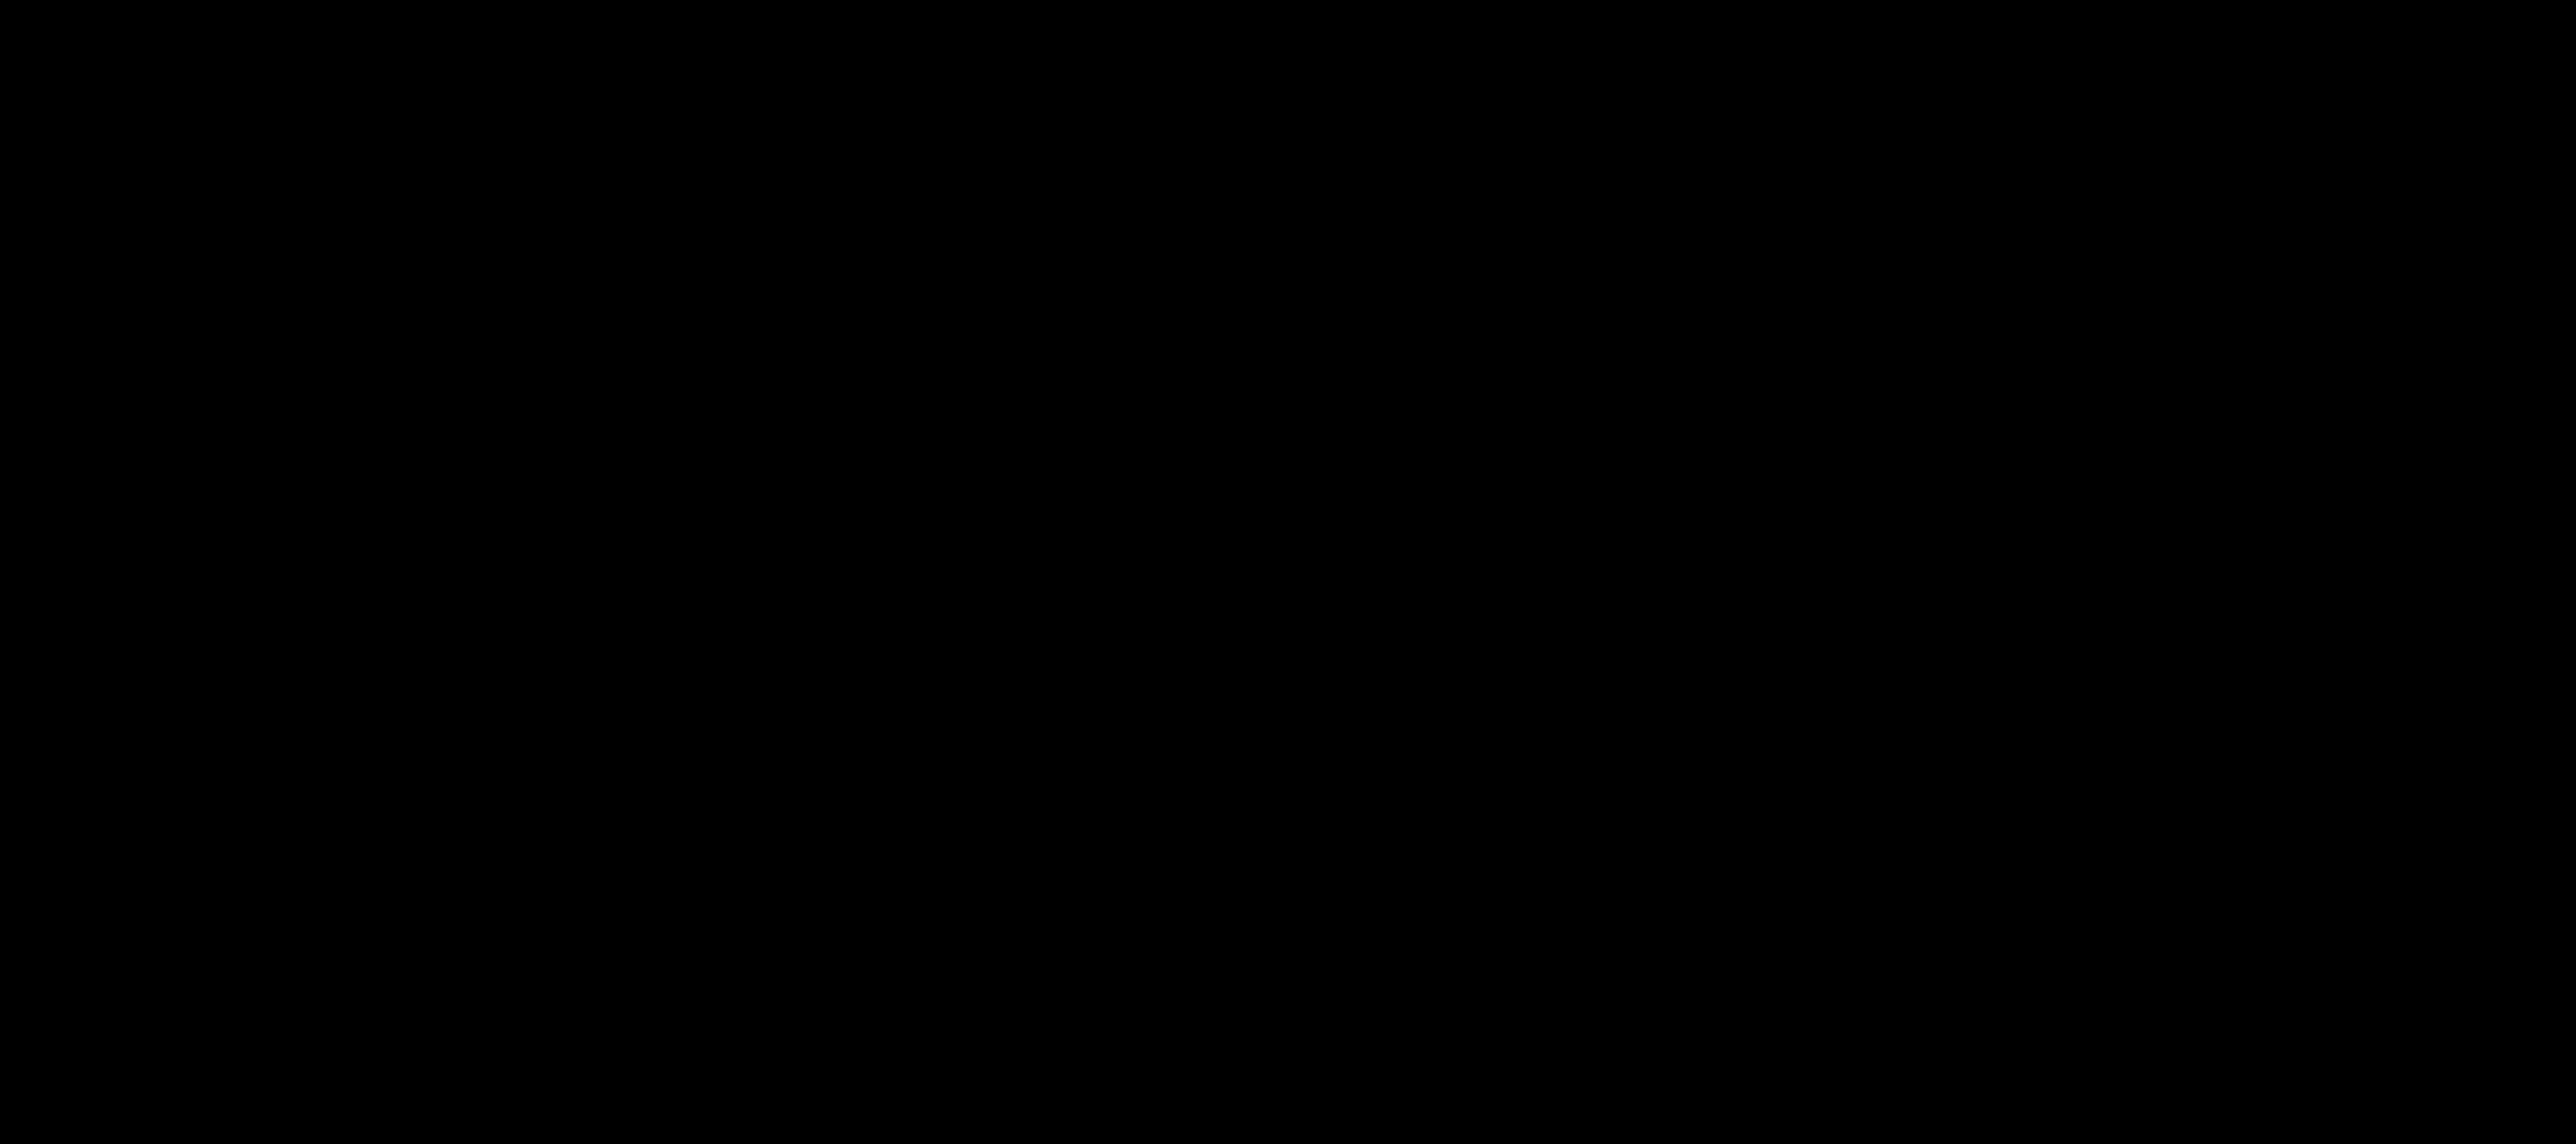 Božská Lahvice - partnerské knihkupectví snejširší nabídkou našich knih